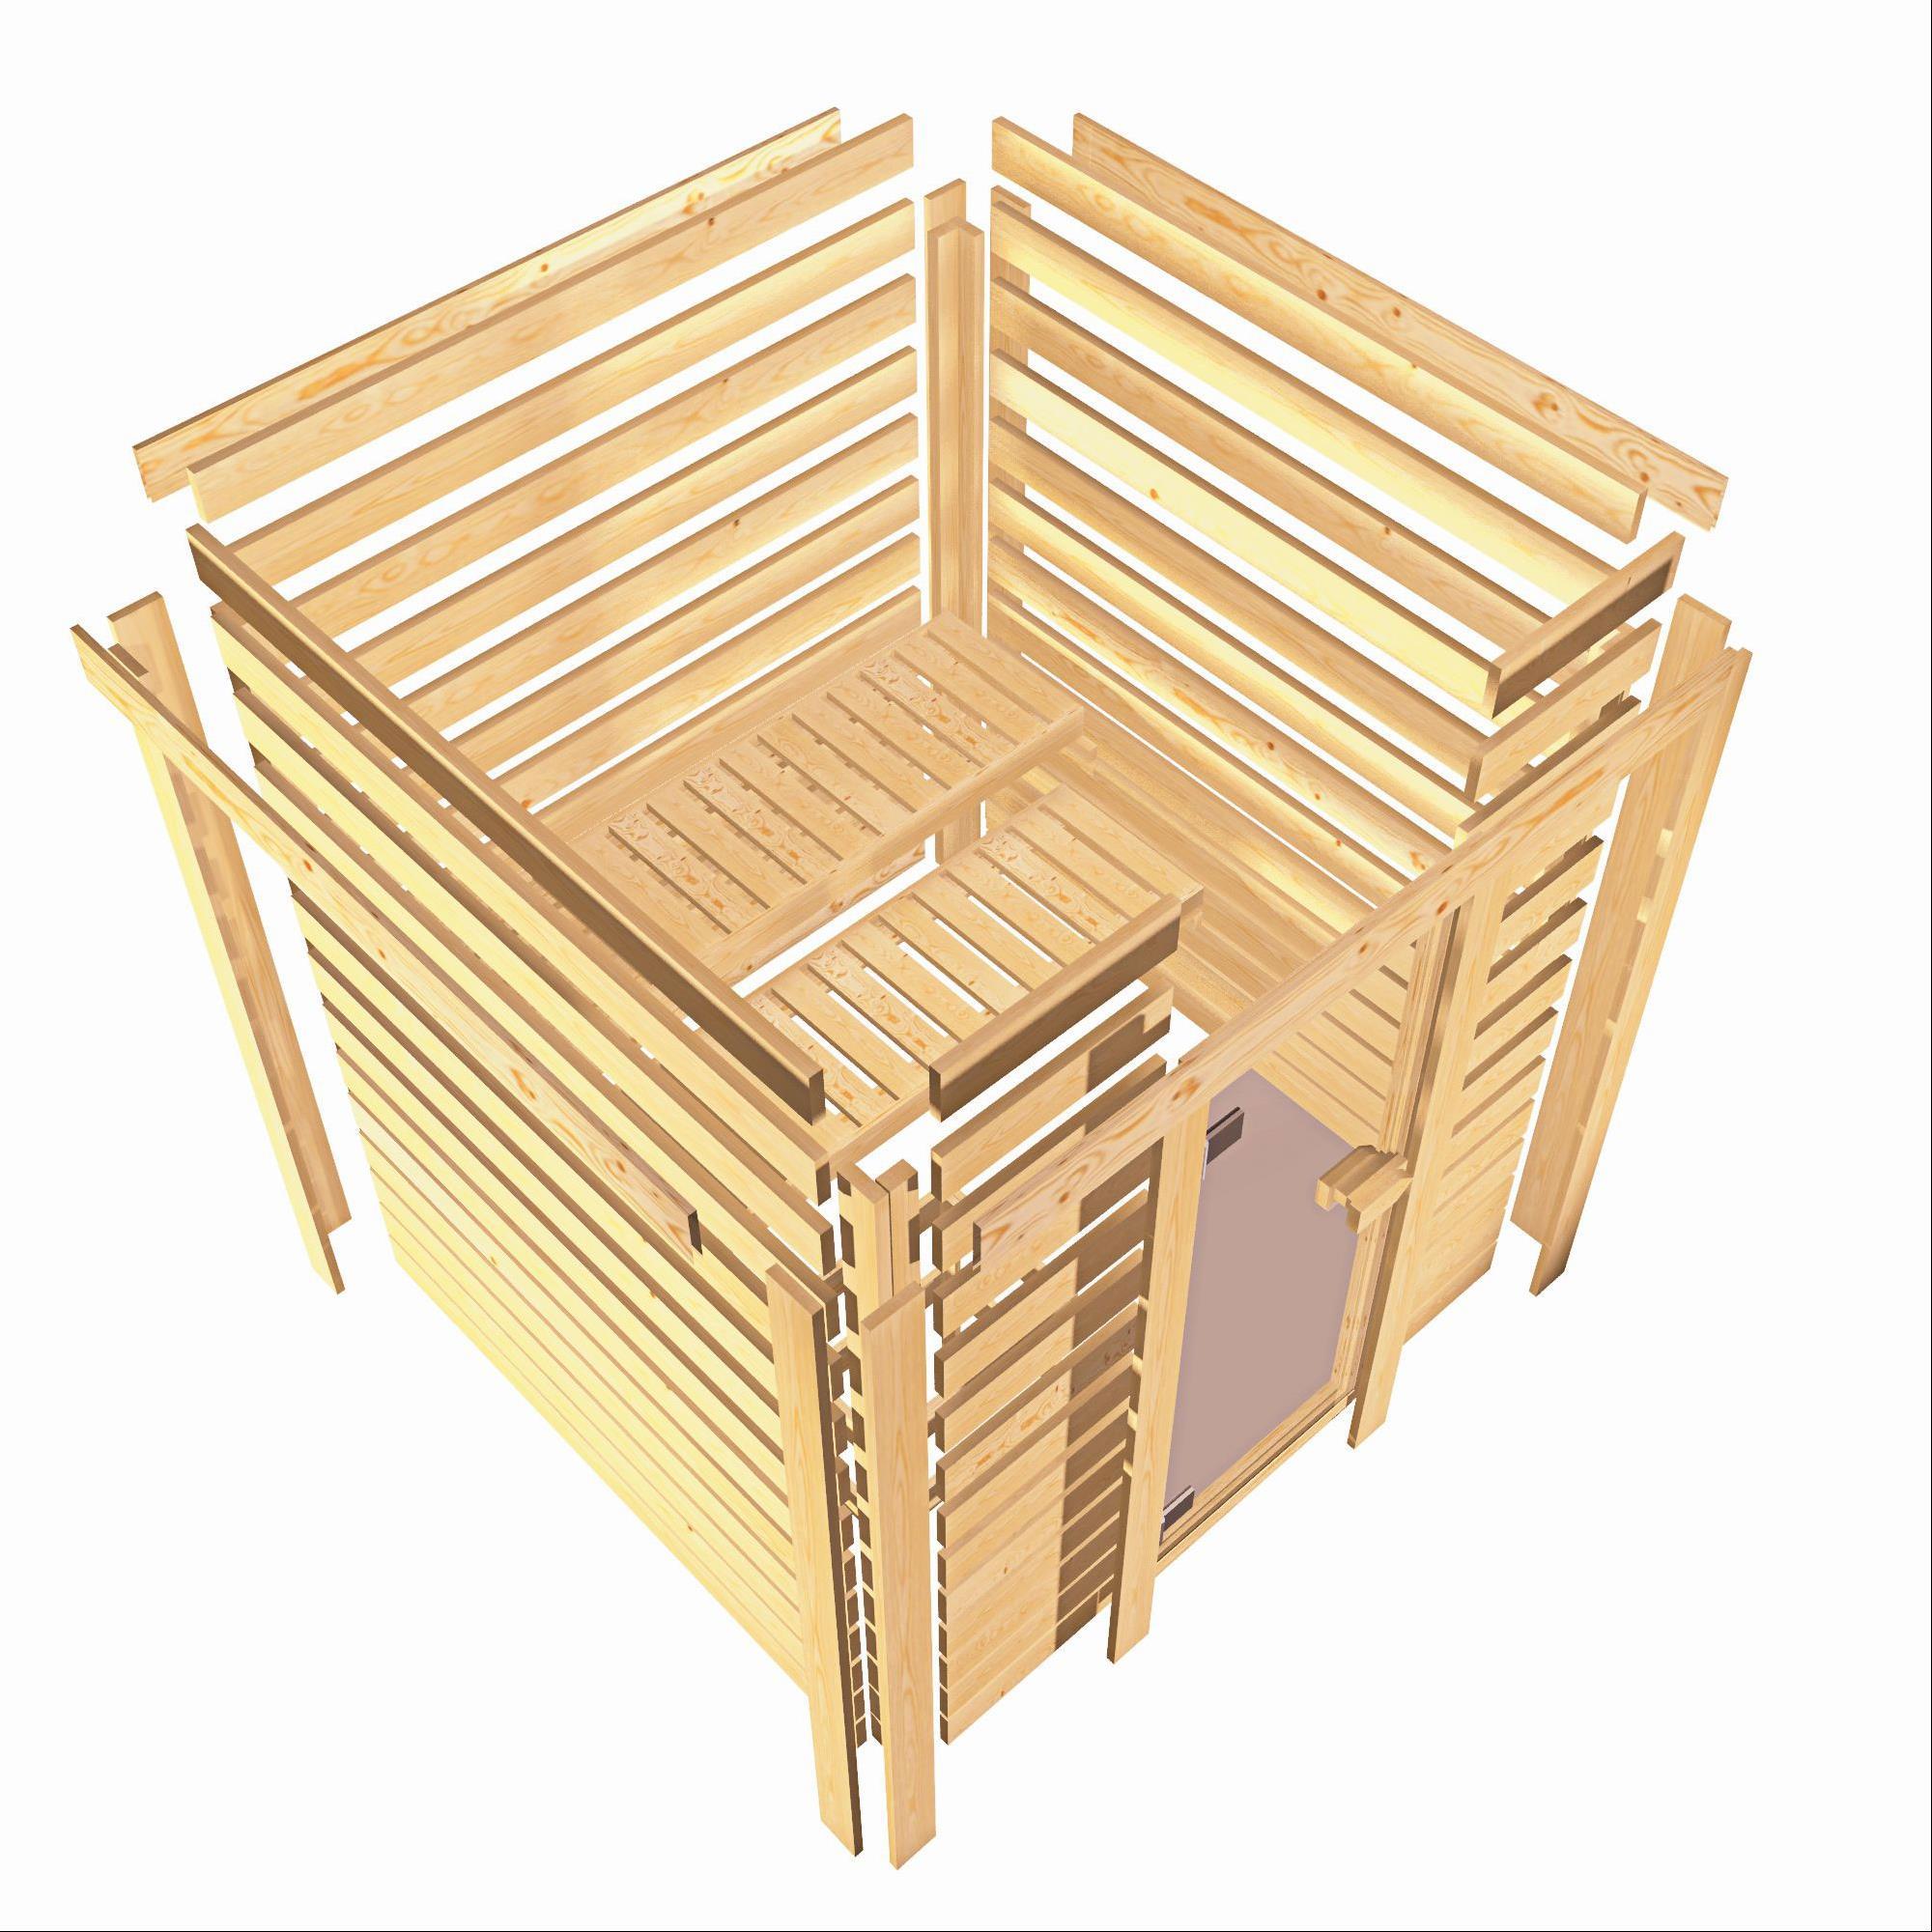 WoodFeeling Sauna Anja 38mm Saunaofen 9kW intern Kranz Klarglas Tür Bild 4